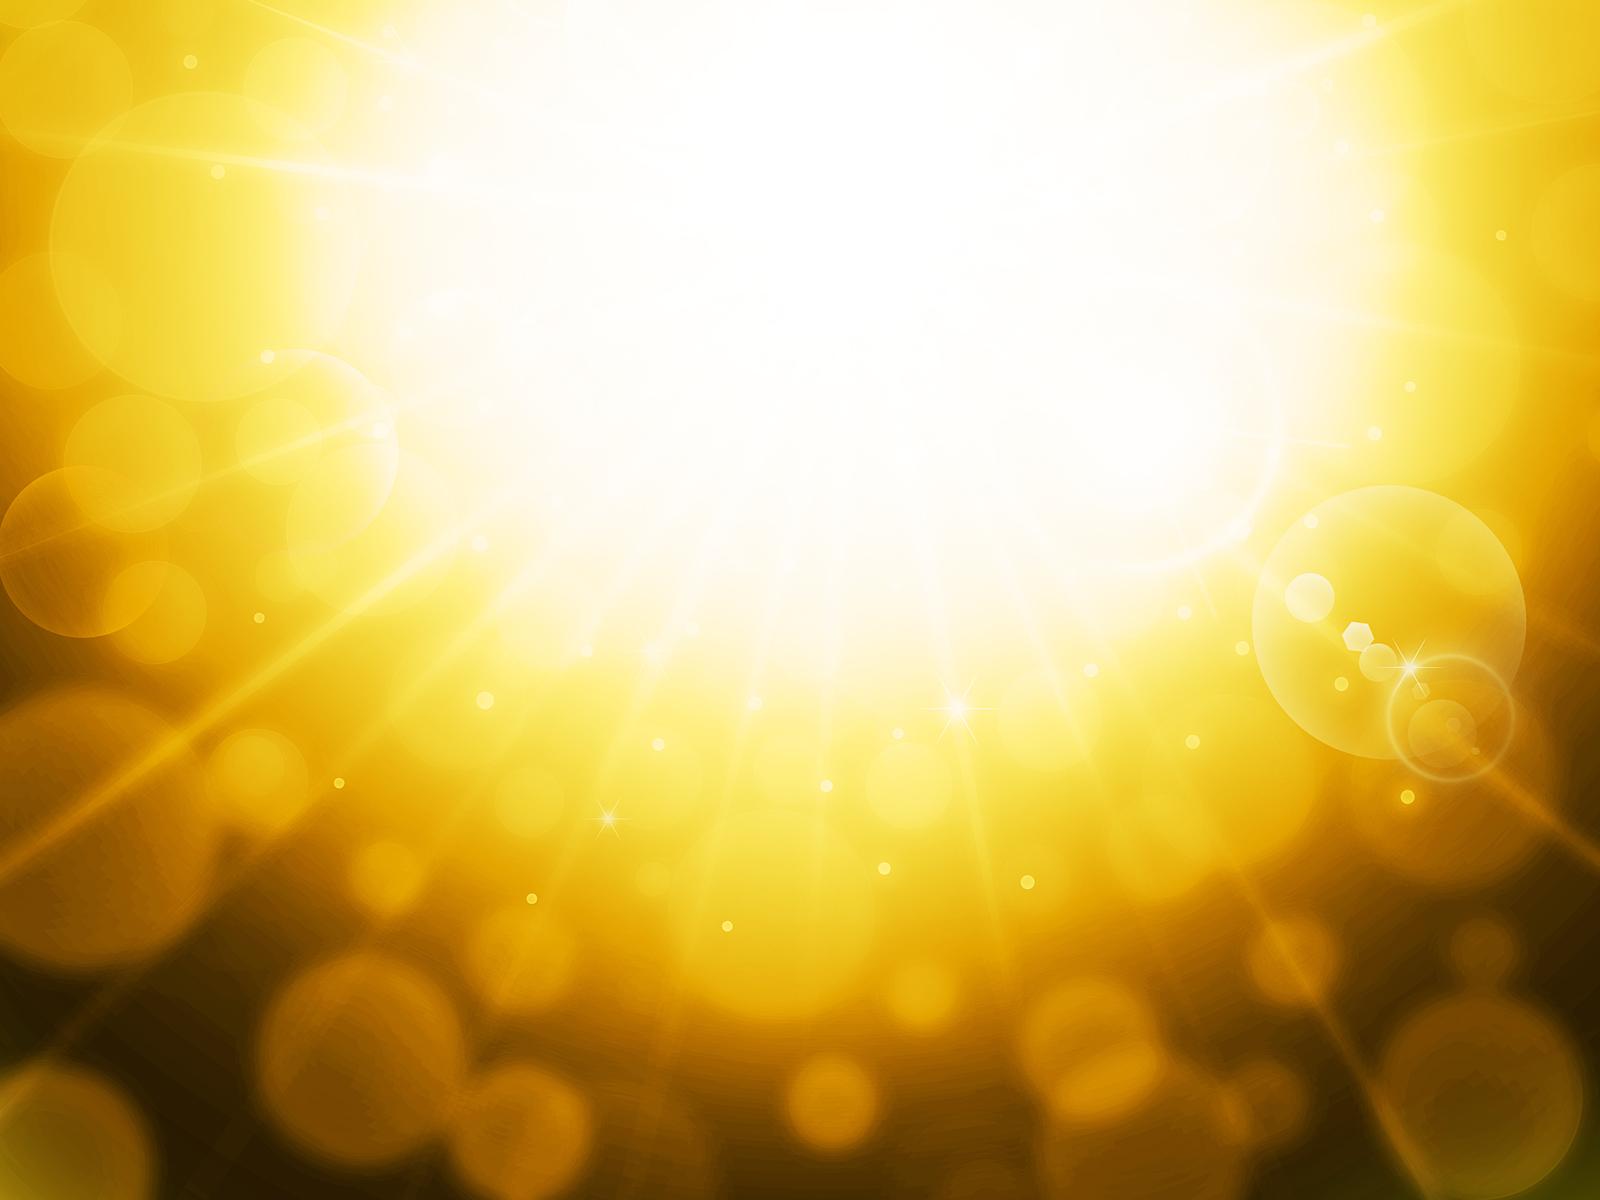 """ゴールドレイキは、恐怖と闇を光と喜びに変えます。<div><br></div><div>黄金の光は、物理的な宇宙の中で最も強力な変容の光です。&nbsp;</div><div><br></div><div>大変浄化作用のある光線です。&nbsp;</div><div><br></div><div>・Ole Gabrielsen 創始<div><br></div><div>・ゴールドレイキⅡには、バージョンアップ版の<span style=""""font-size: 10pt;"""">ゴールデンライトがあります。</span></div><div><br></div><div>そのためこちらは、条件ありの特別提供とさせていただきます。</div><div><br></div><div>※1万円以上のご購入の際に、お申し込みいただけます。</div><div> 条件を満たさない場合は、無効になります。</div><div><br></div><br></div>"""